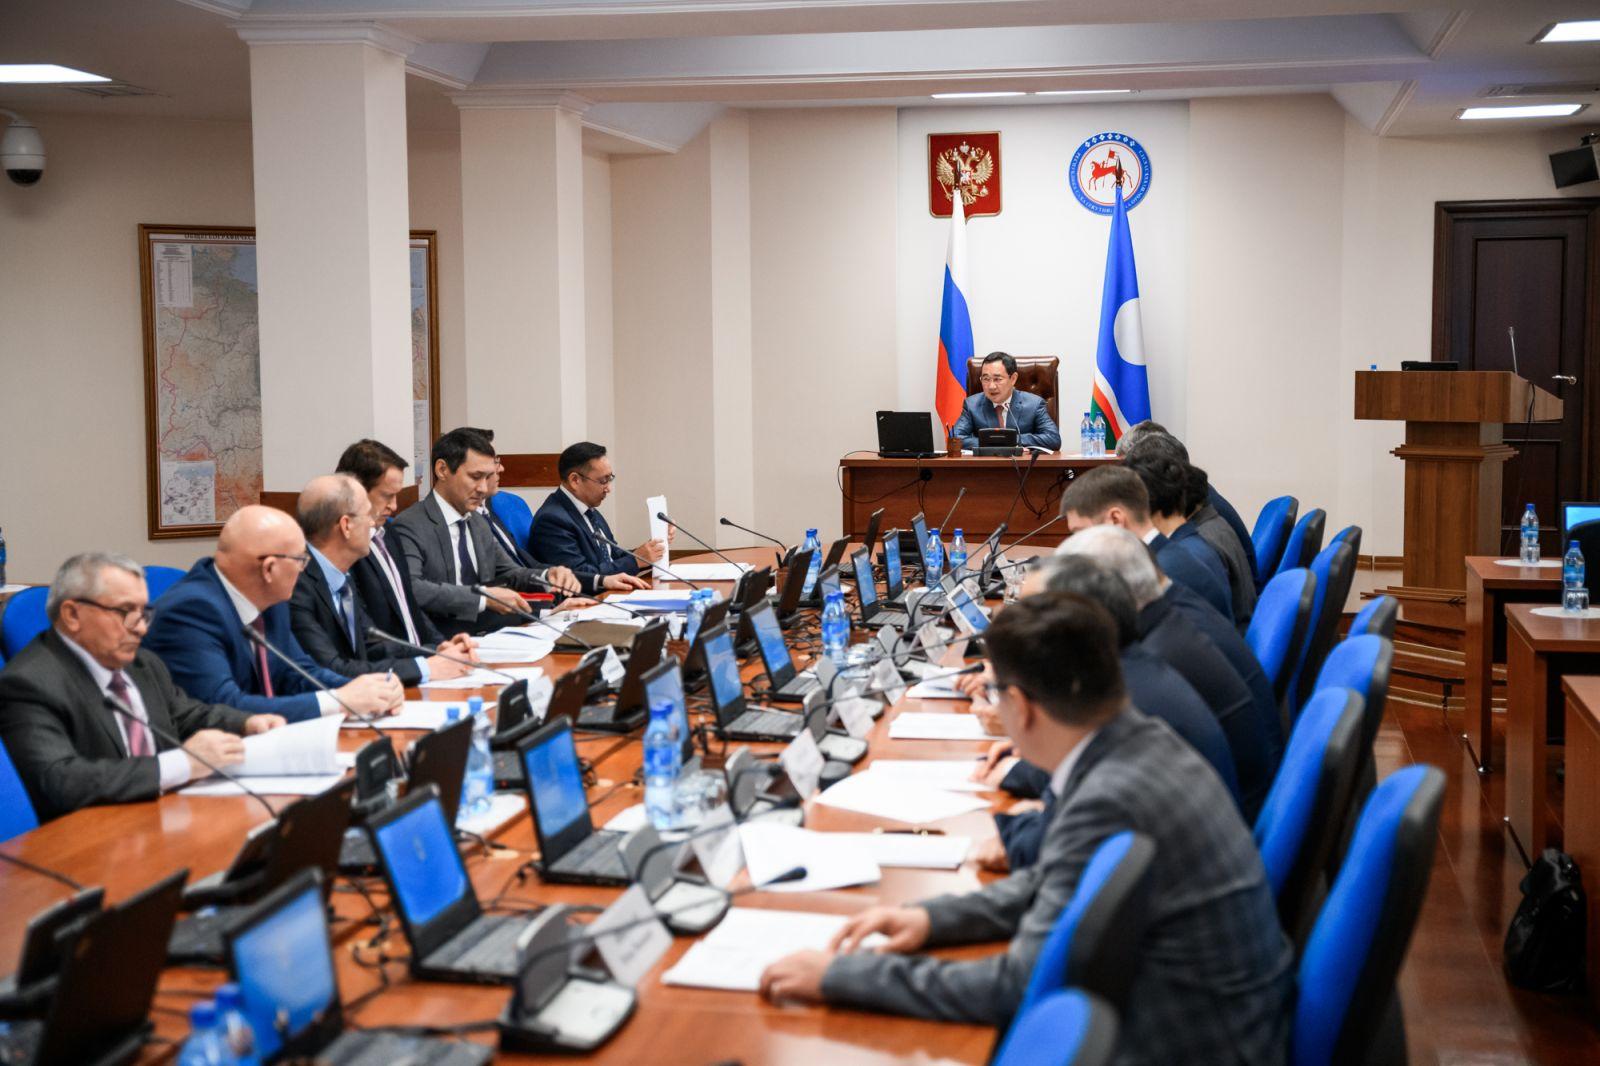 Глава Якутии заслушал итоги деятельности «Сургутнефтегаза»